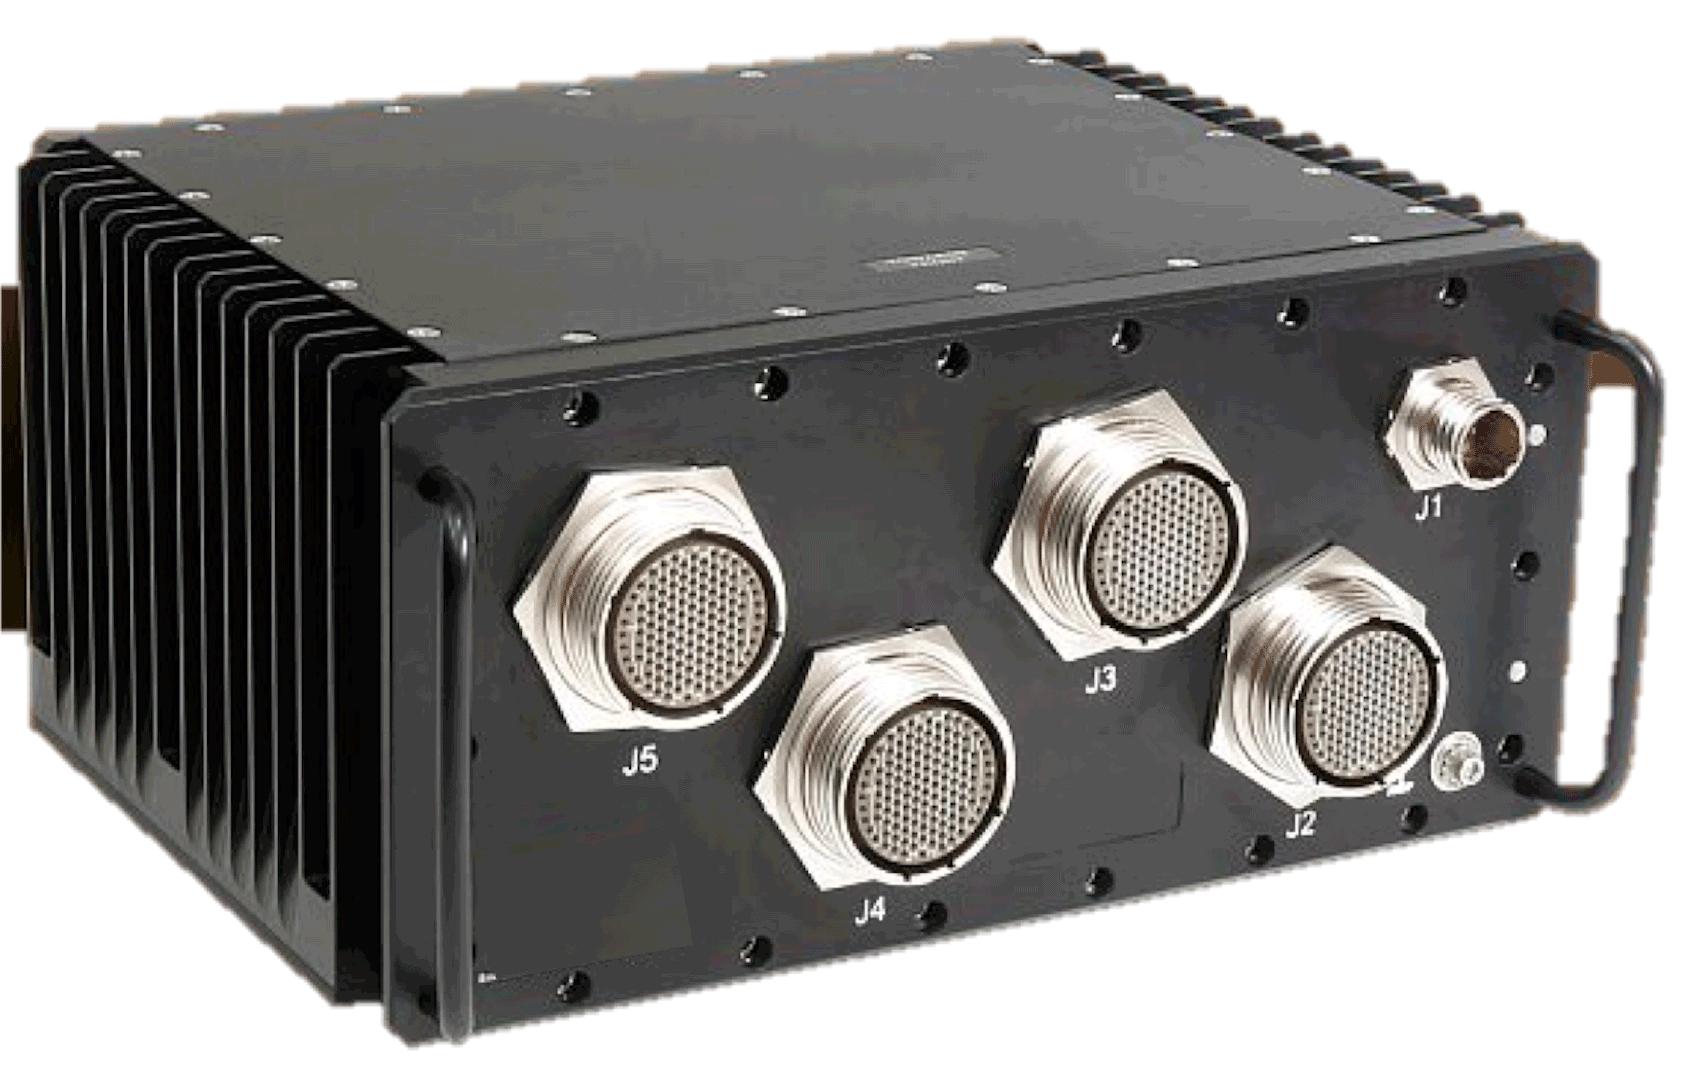 MPL 30 ALC-system